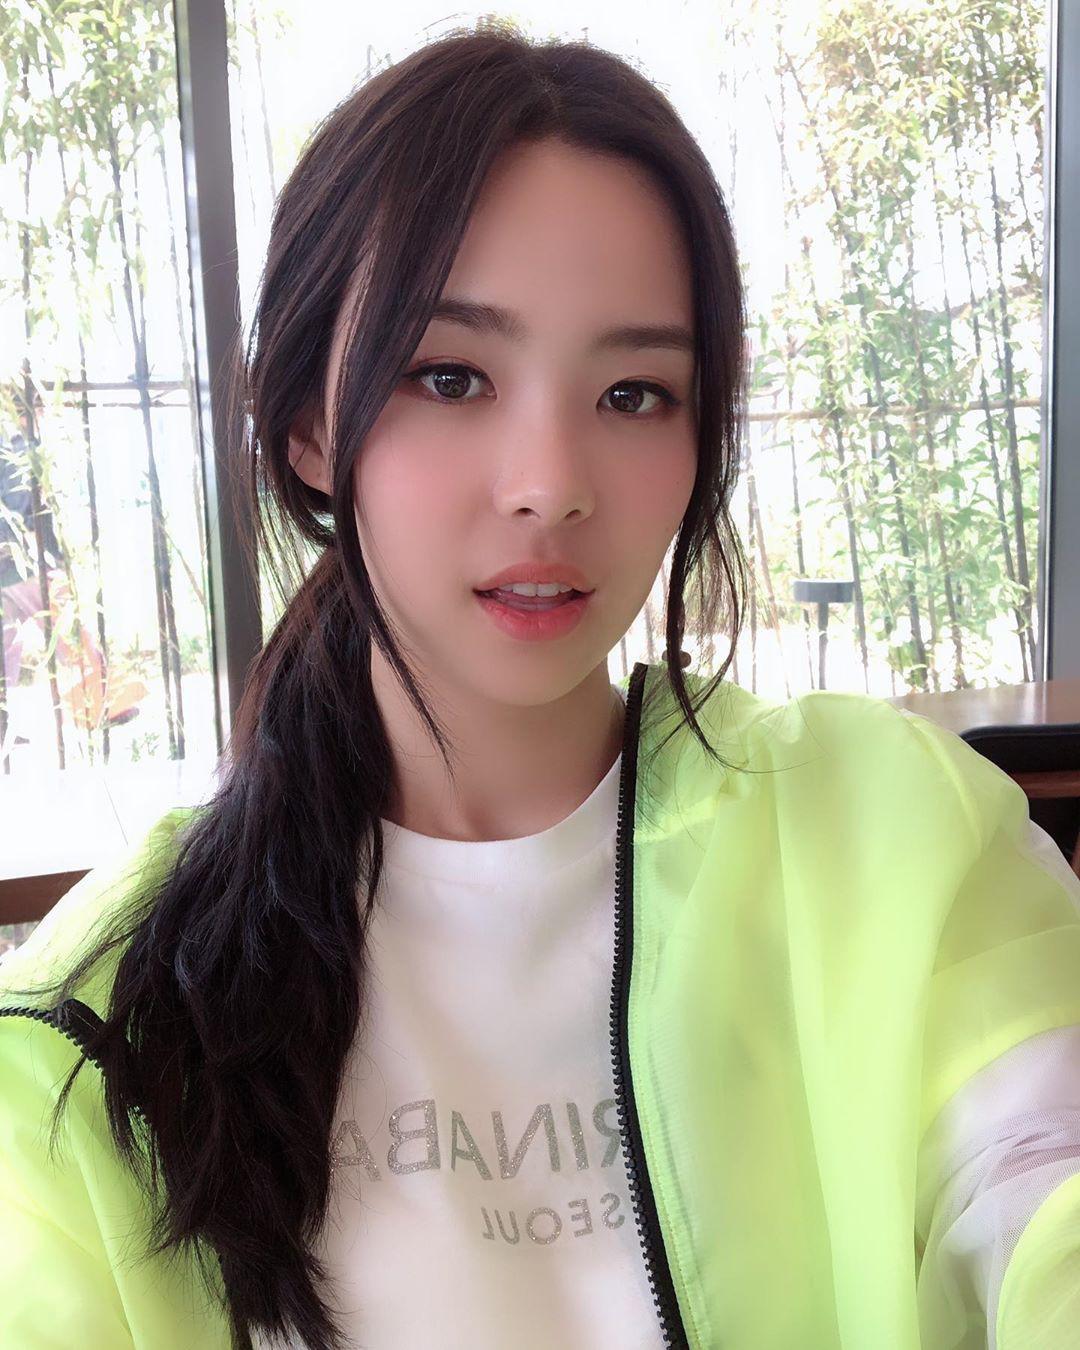 Bàn cân nhan sắc Tân và cựu Hoa hậu Hàn Quốc: Bên đẹp như diễn viên bên gây tranh cãi, body gây chú ý - Ảnh 8.